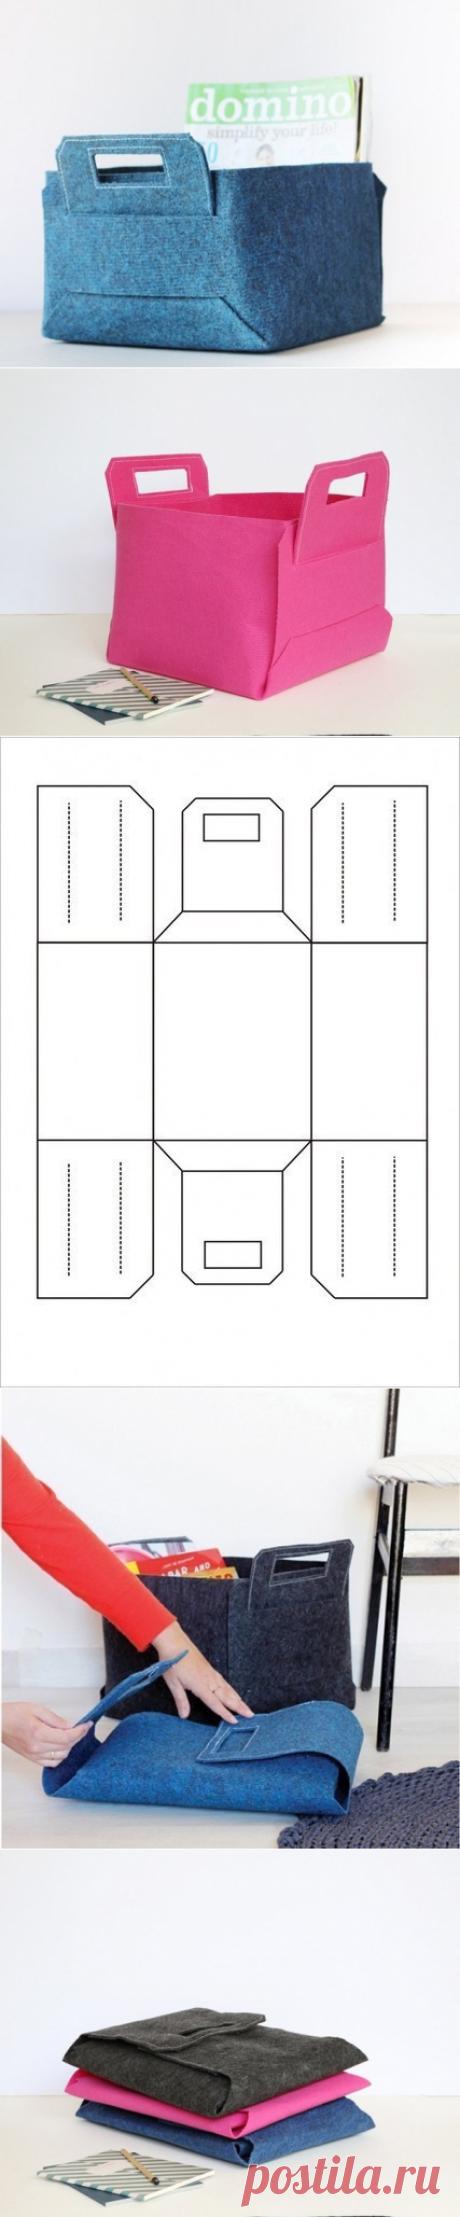 Box from felt or skin for storage of nuzhnost